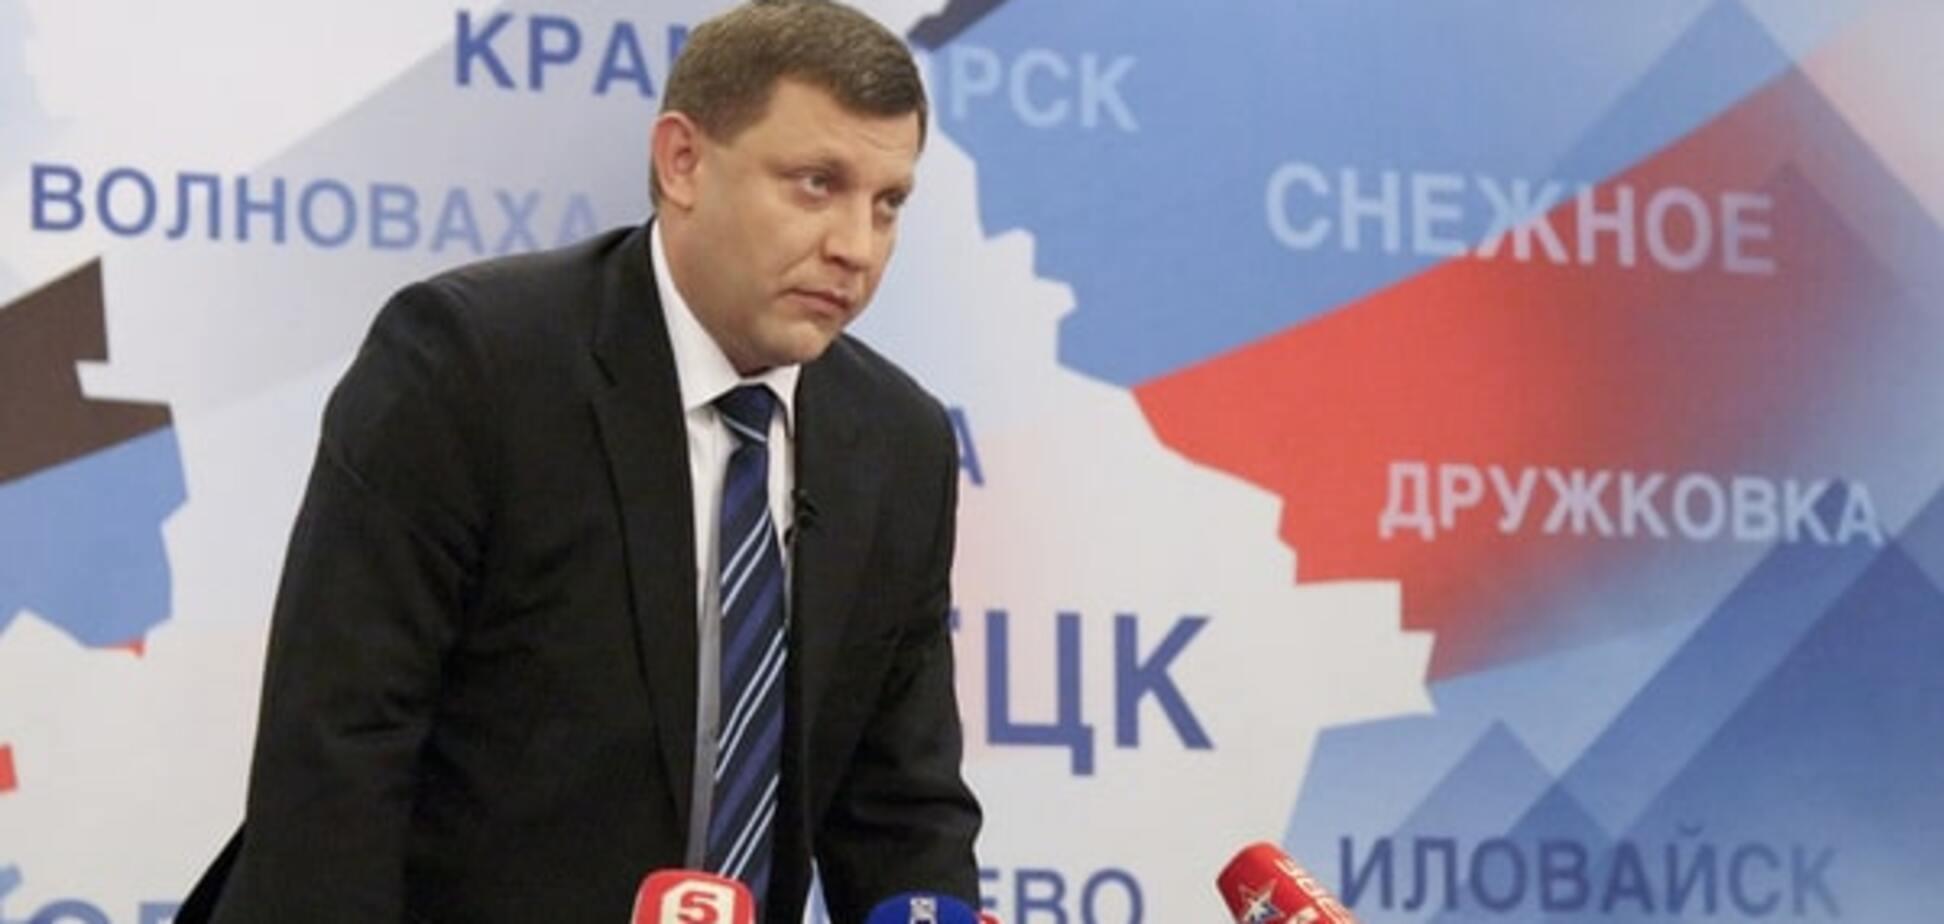 Фатальна помилка: генерал Скіпальський розповів, як Захарченко себе підставив